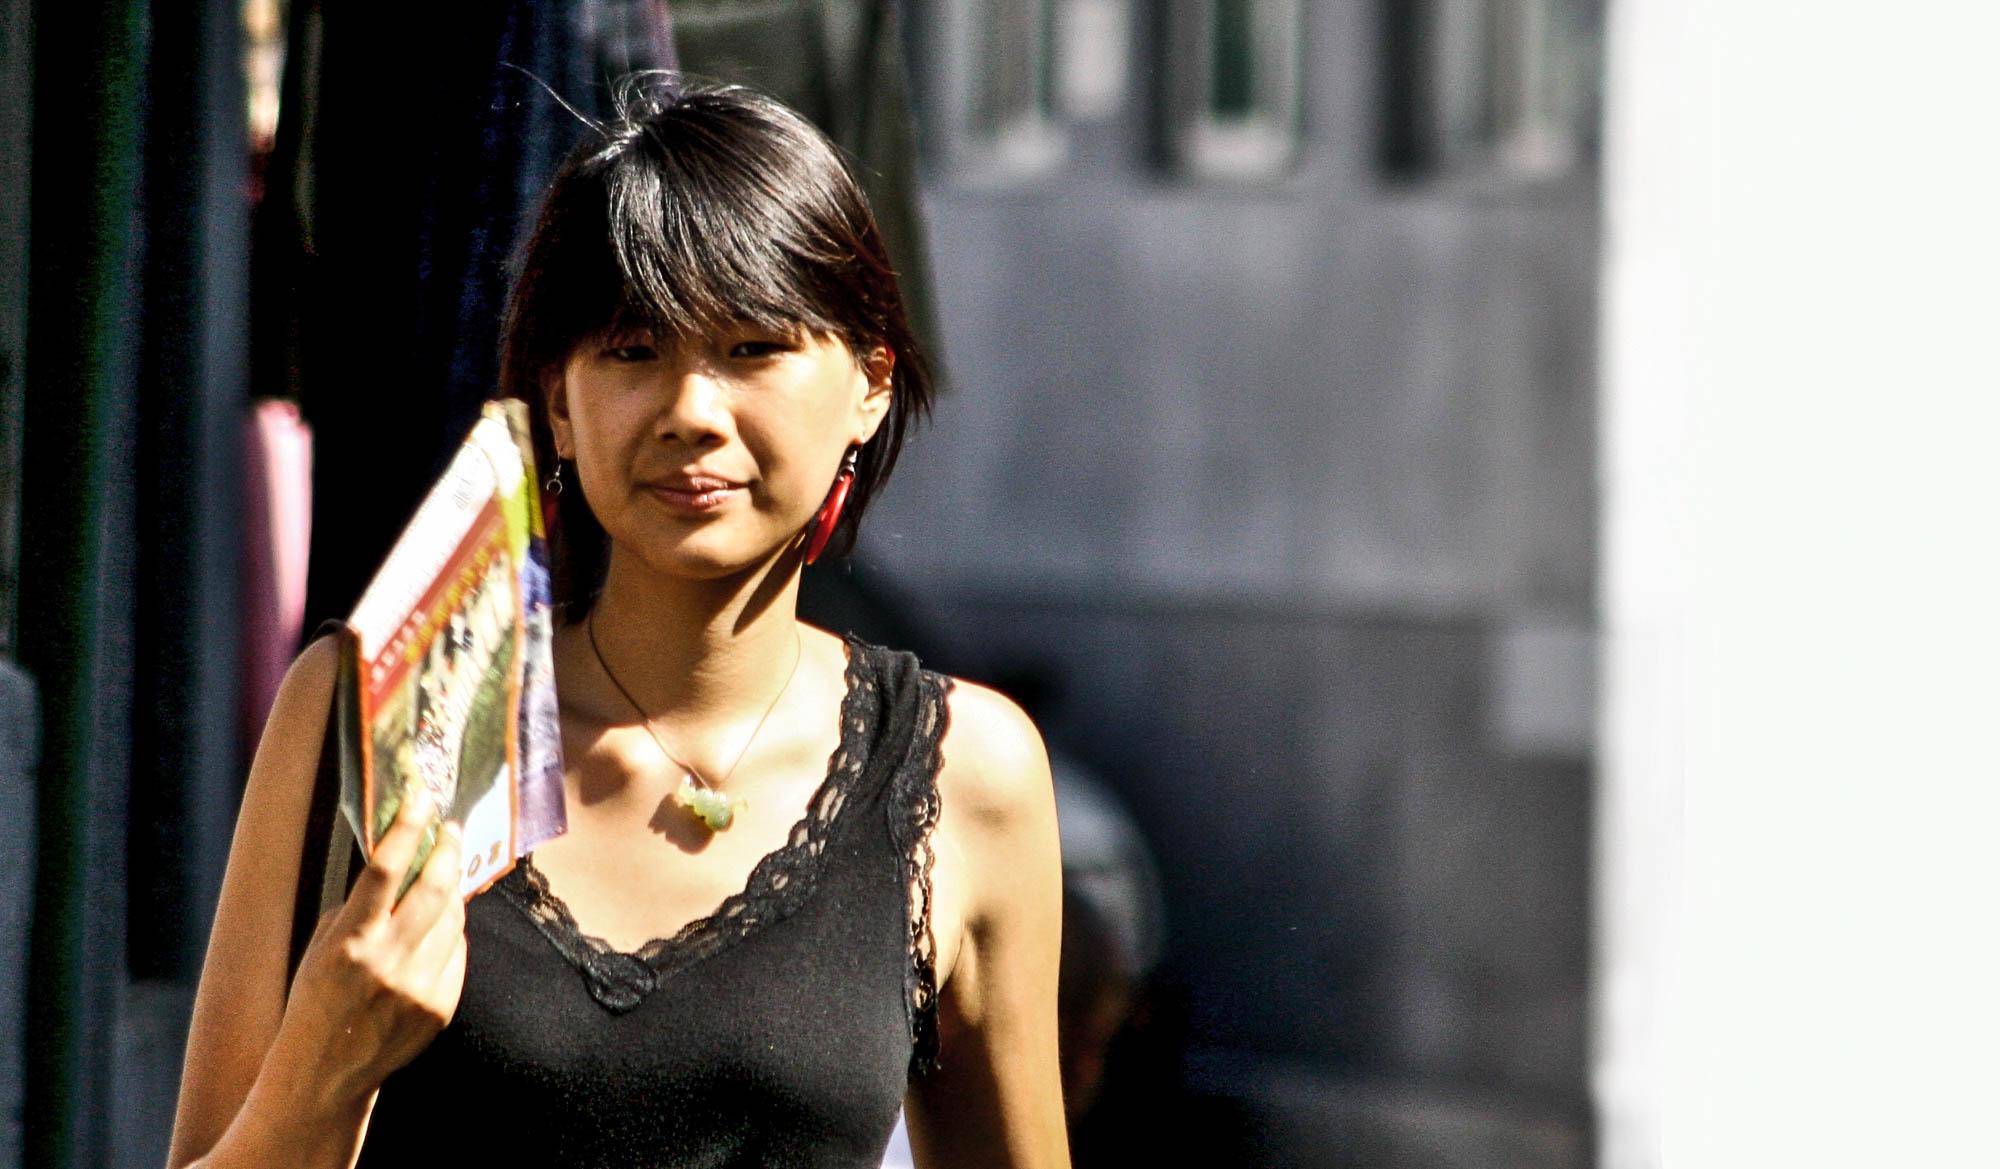 CHINA_2006_people_jusmedic - 2